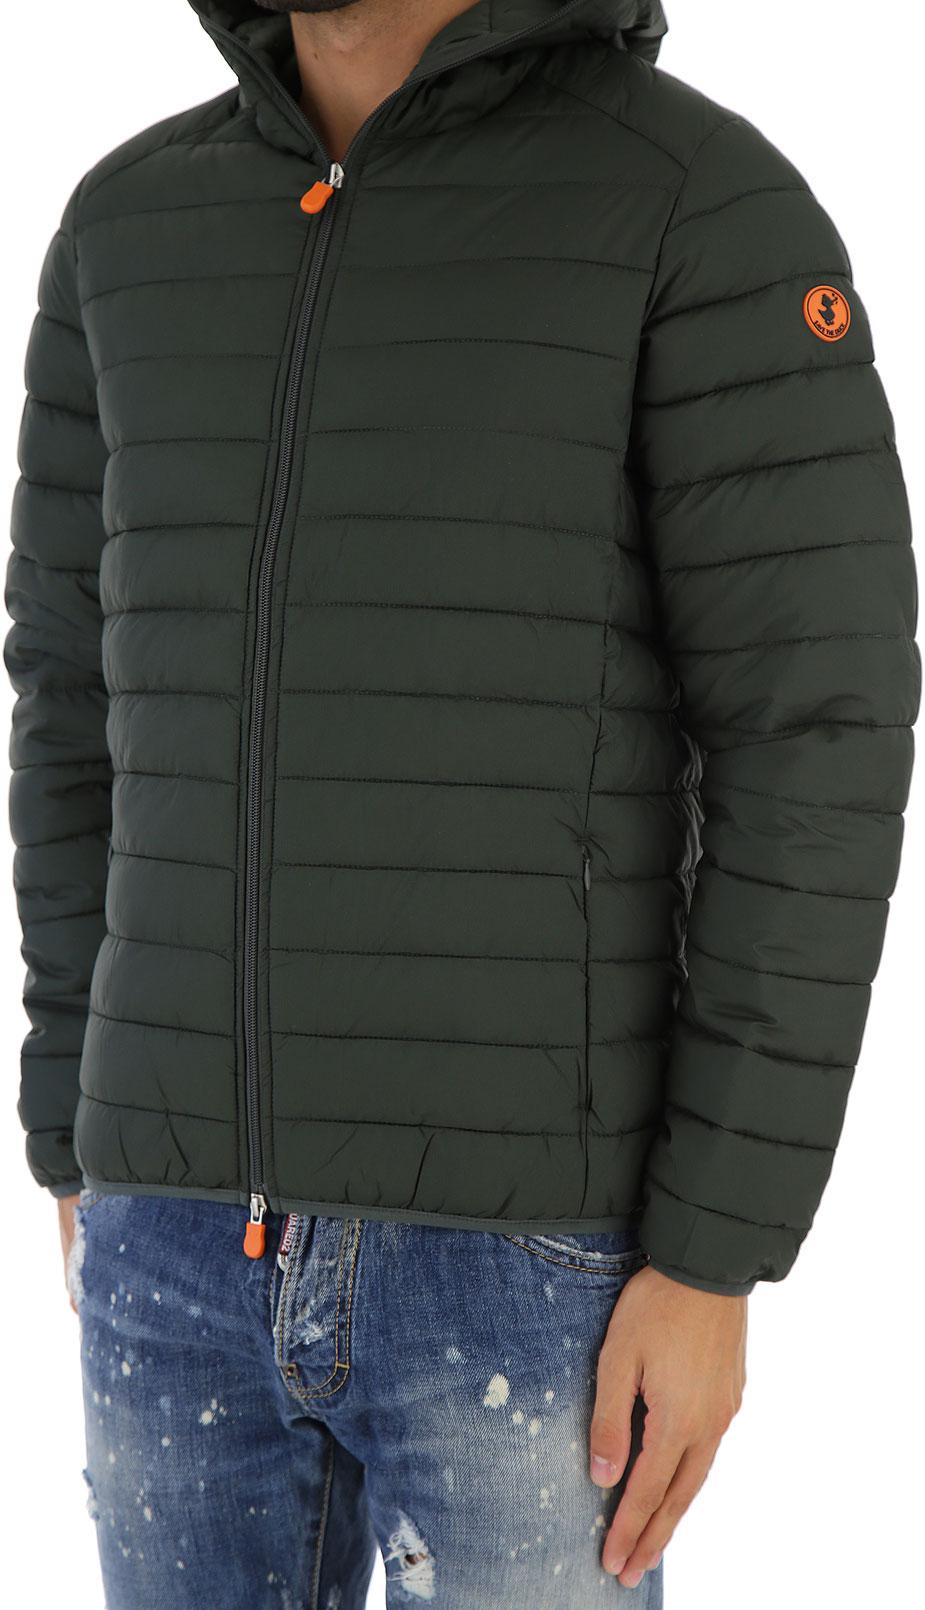 Abbigliamento Uomo Save the Duck, Codice Articolo: d3065m-dull5-00113